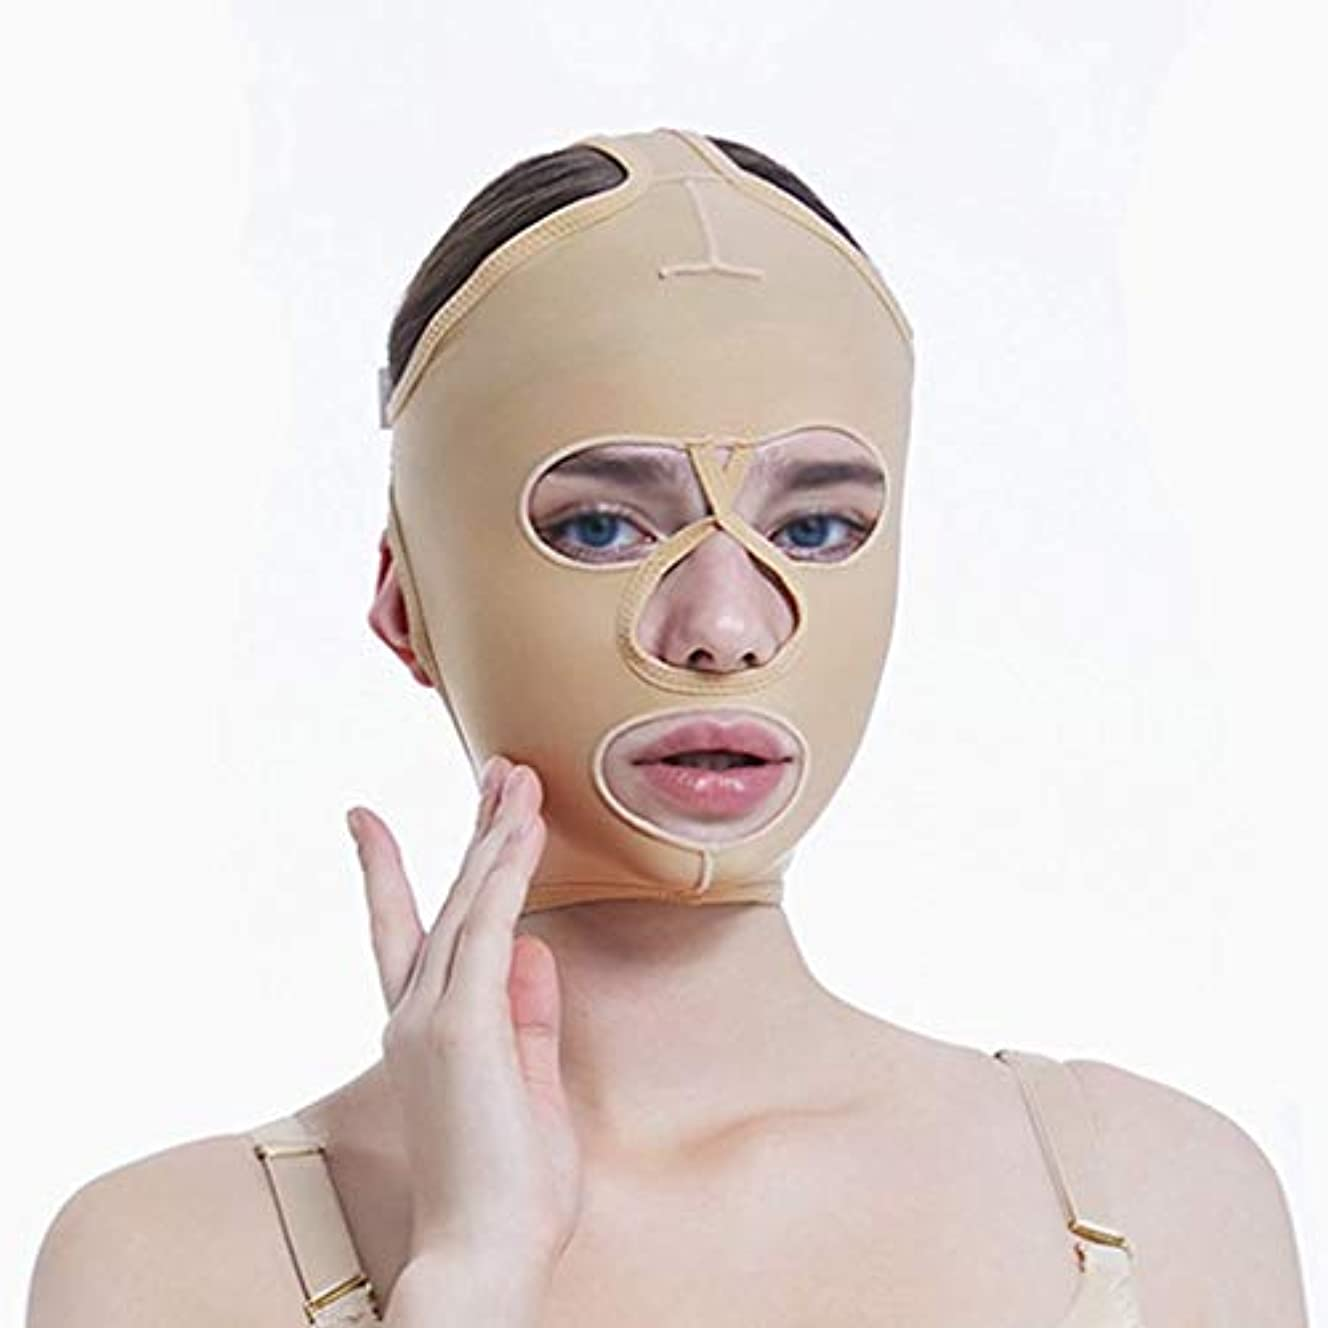 耳飛行機マントルチンリフティングベルト、超薄型ベルト、引き締めマスク、包帯吊り、フェイスリフティングマスク、超薄型ベルト、通気性(サイズ:L),ザ?